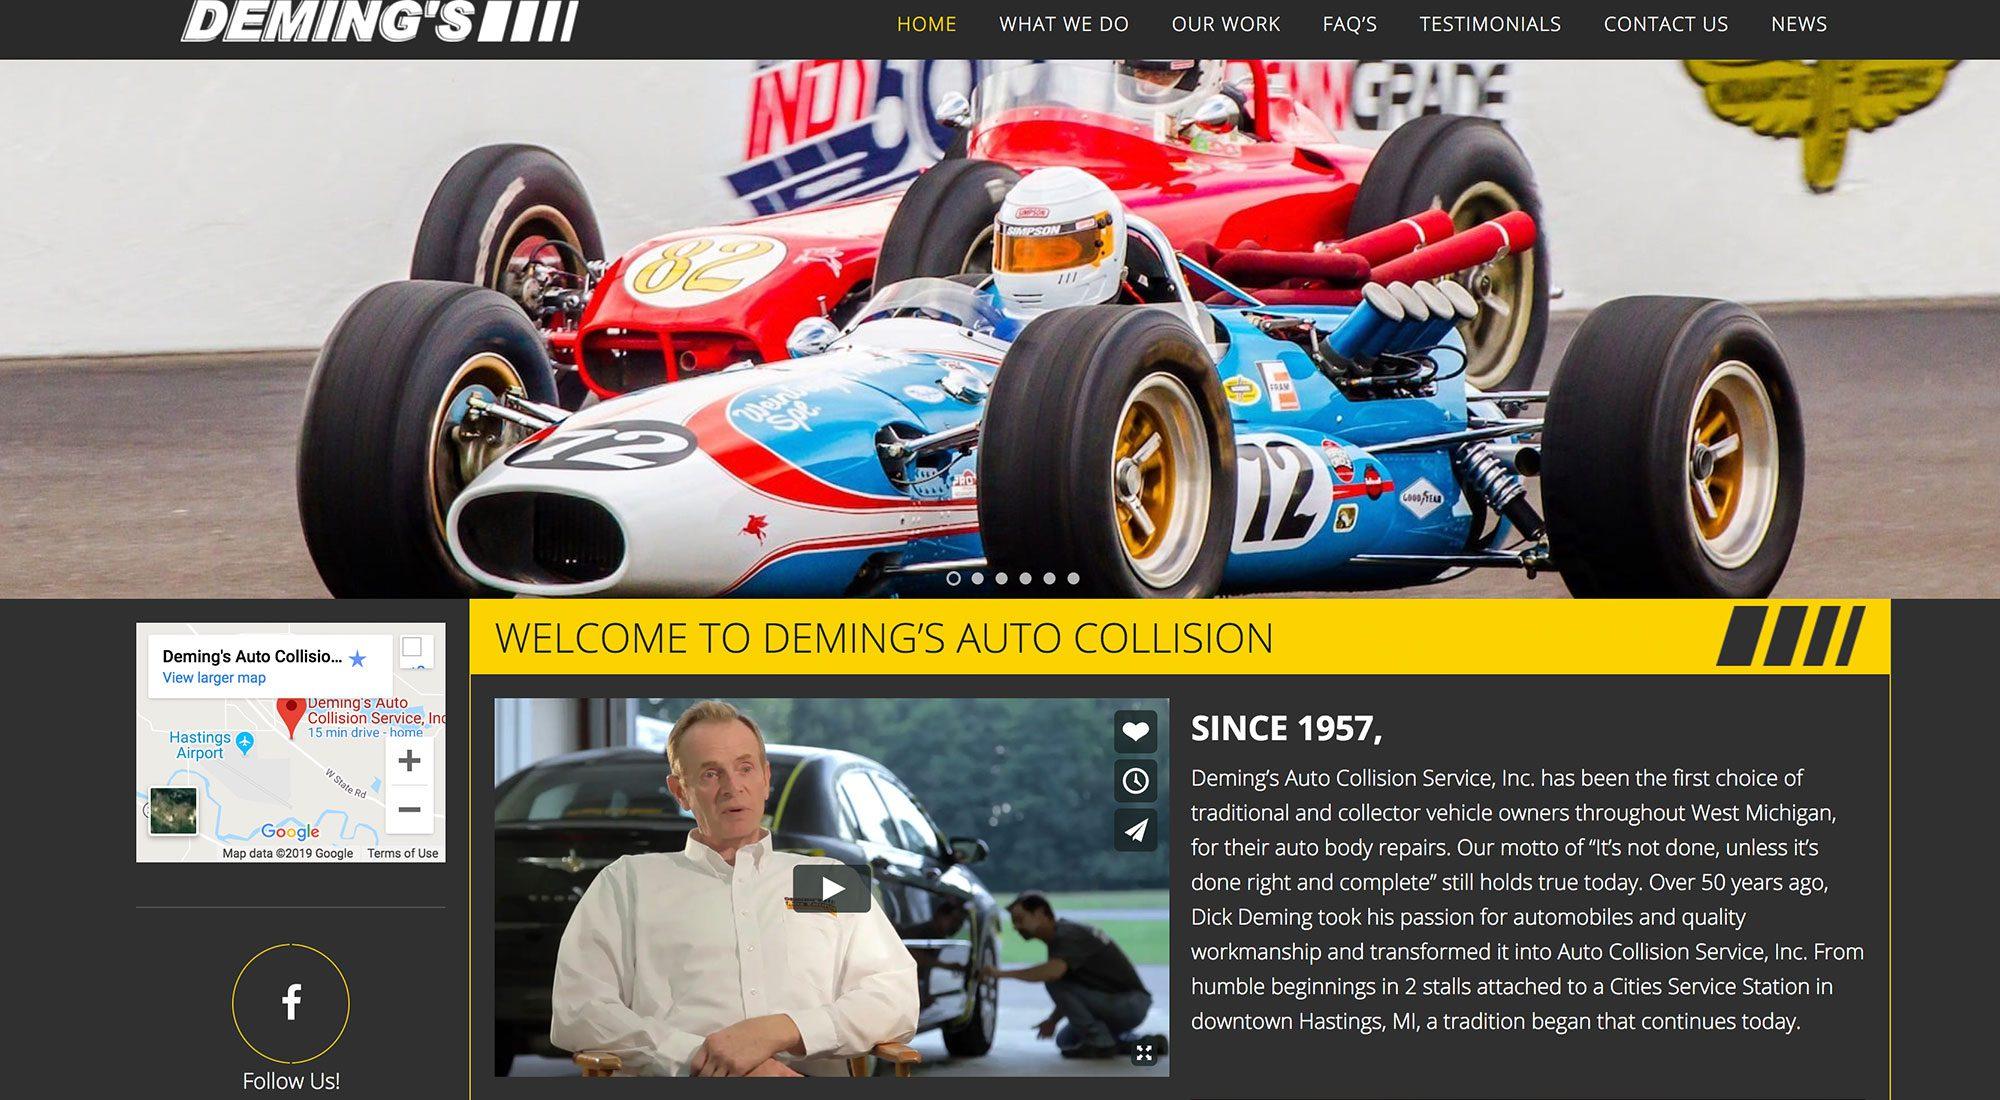 Deming's Auto Collision Hastings MI Website Design